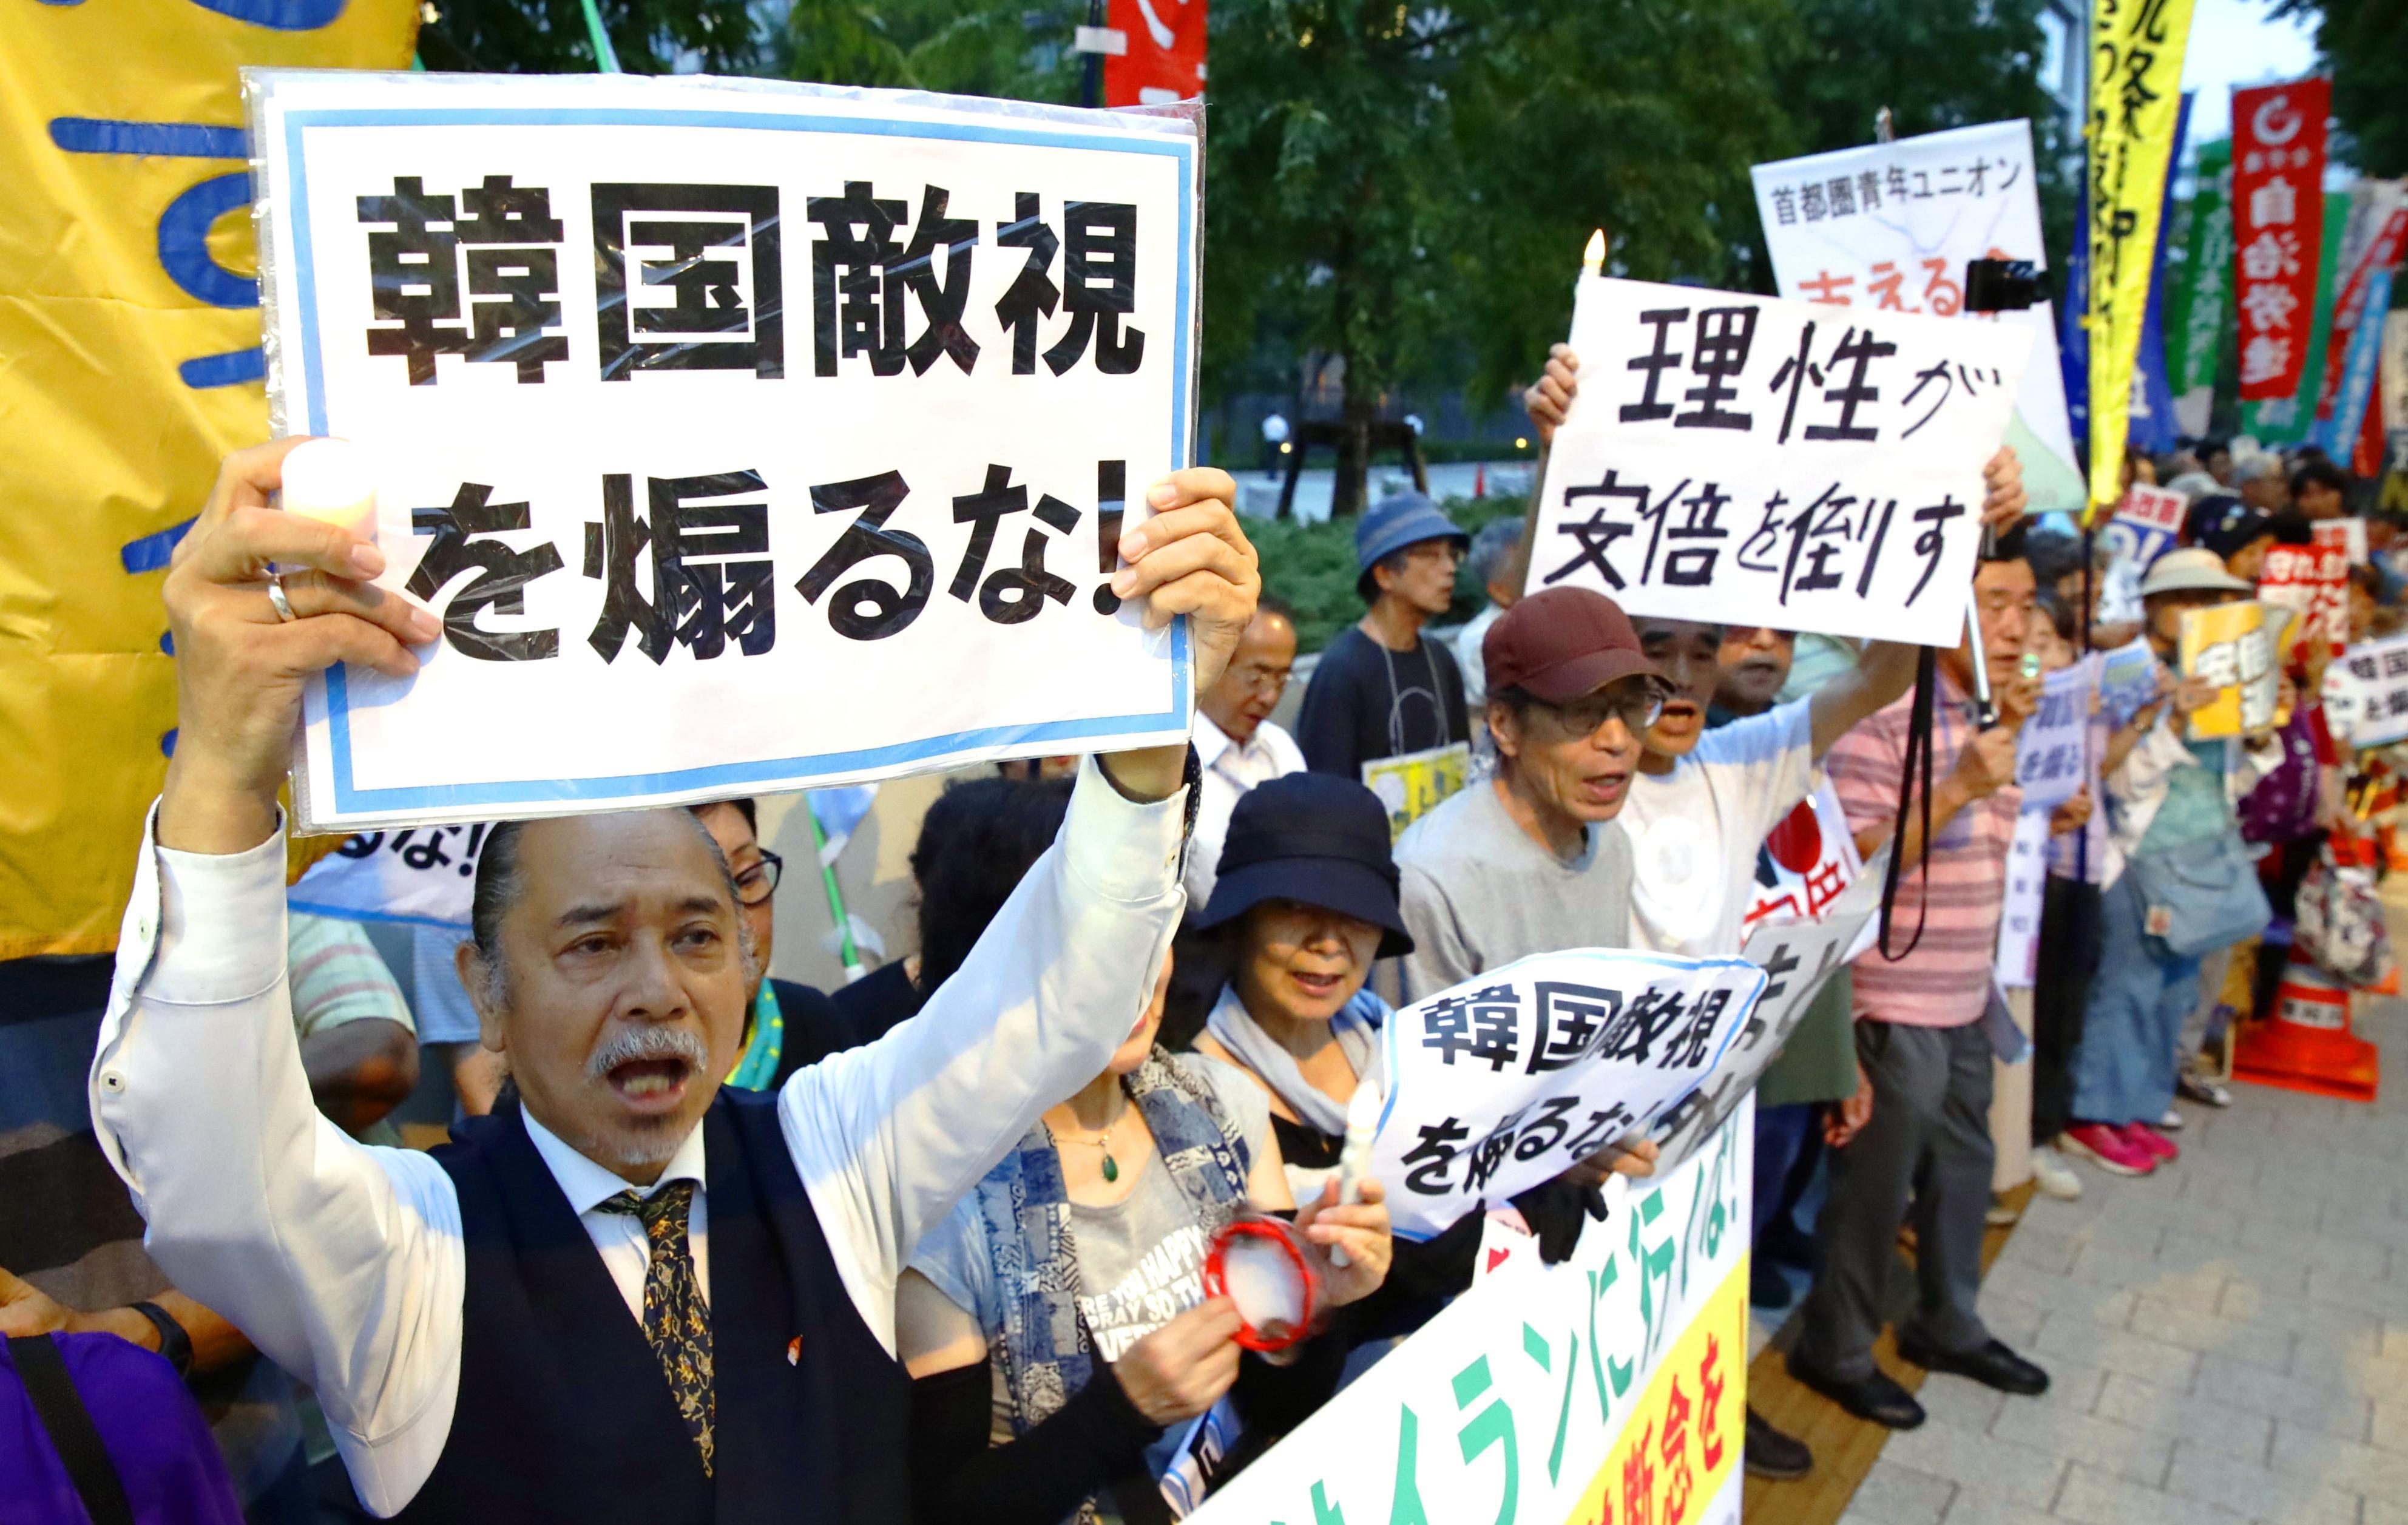 일본 국회의사당 인근에서 열린 아베 정권 규탄 집회 <사진=연합>